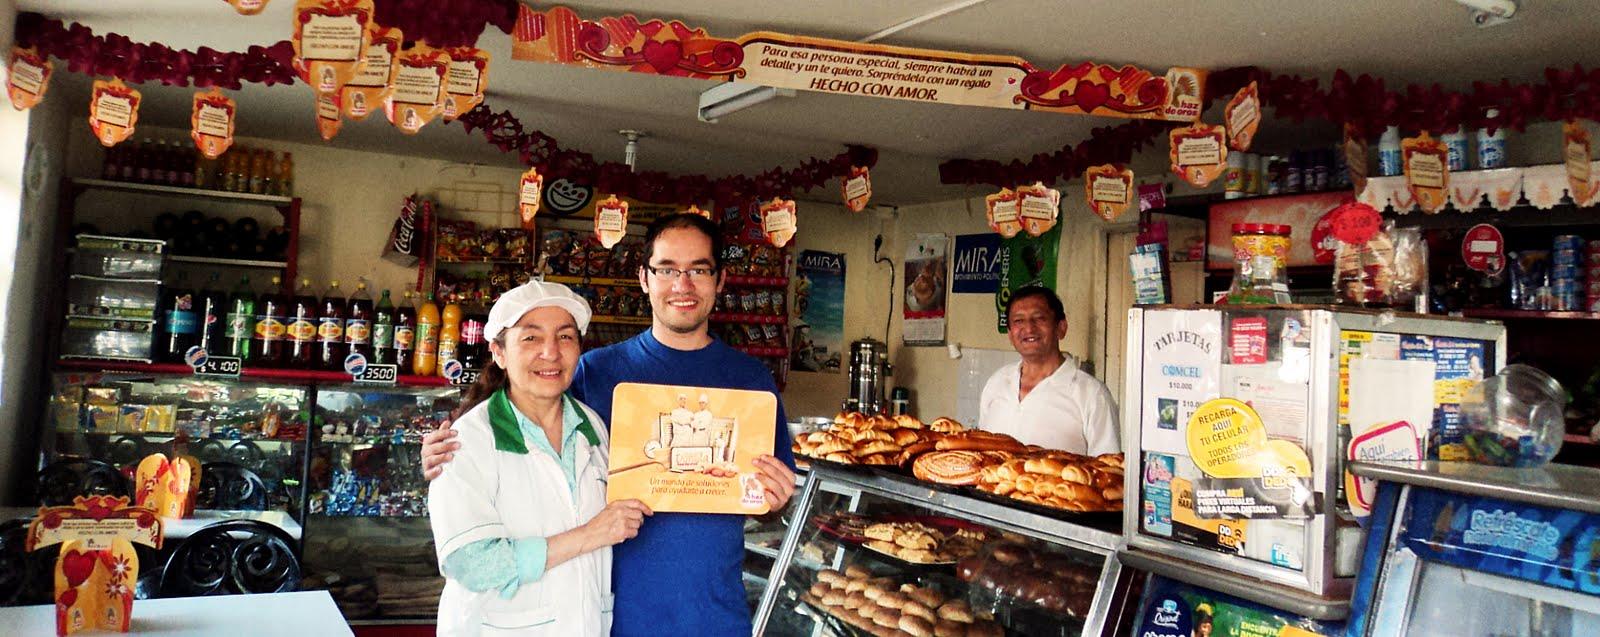 Adornada para el concurso de panaderías Harina Haz de Oros